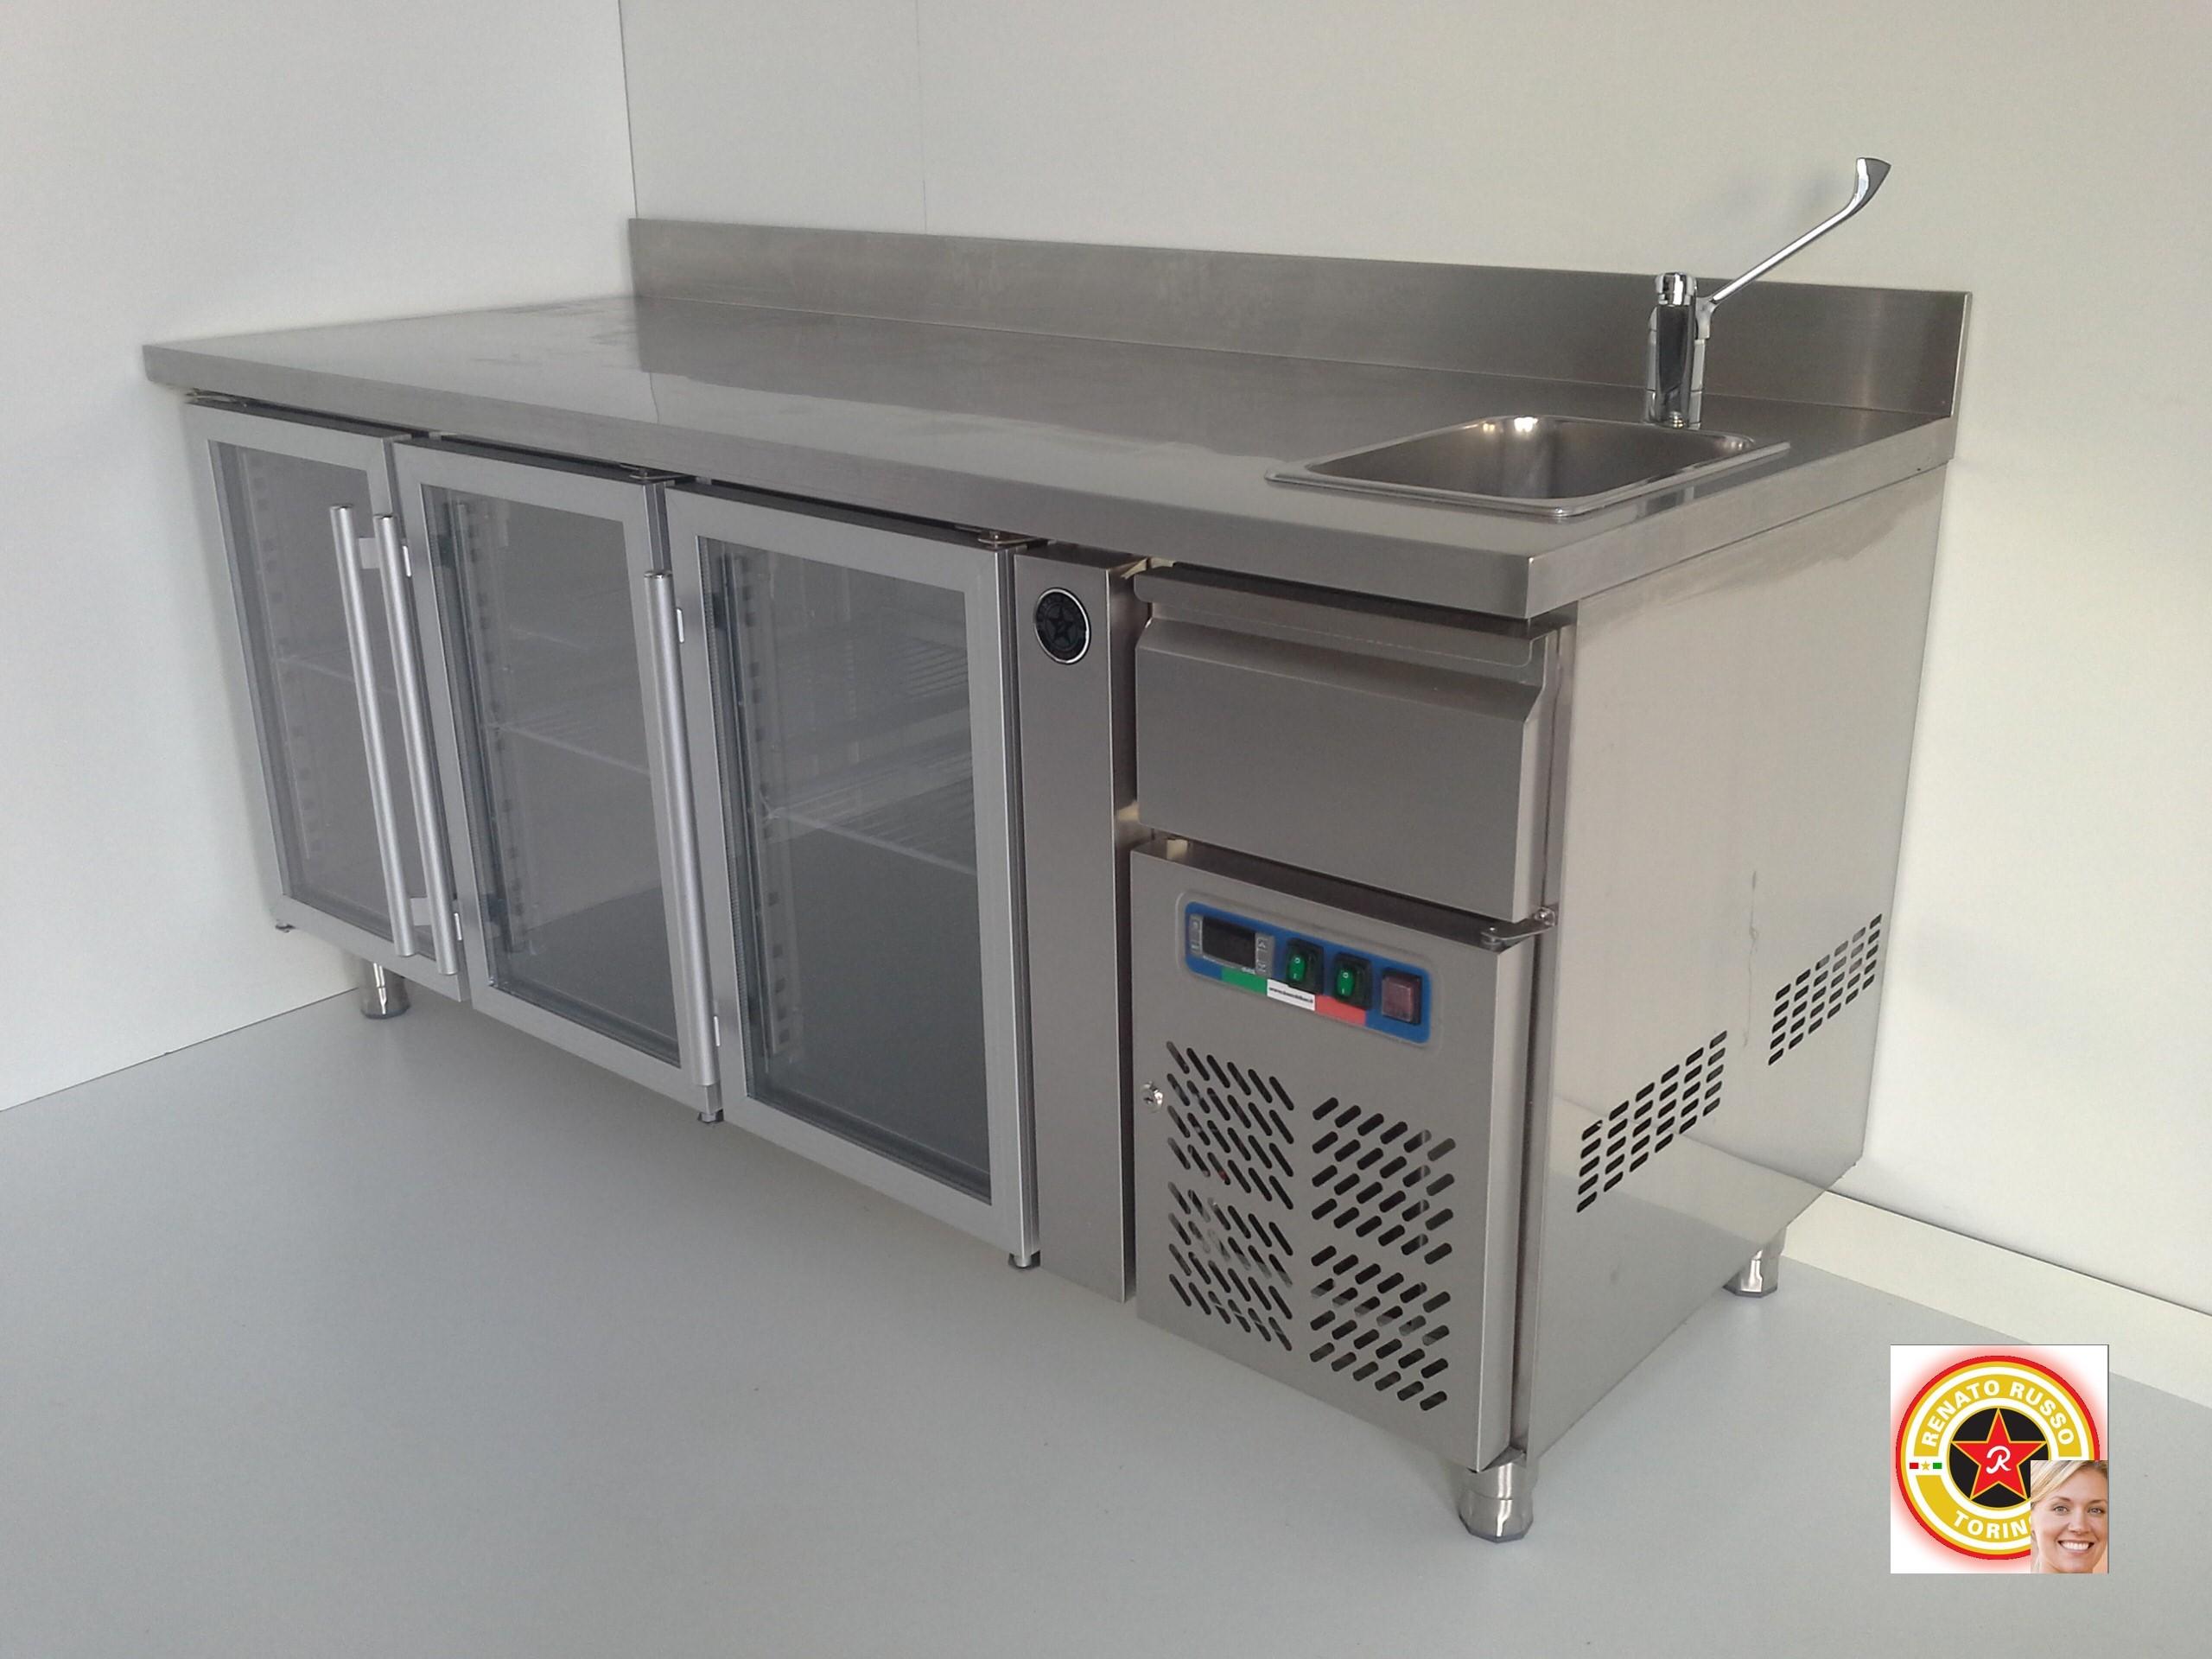 Cassetti battifiltro banchi bar top in acciaio inox banchi frigo acciaisti torino tramoggia - Tavoli acciaio inox prezzi ...